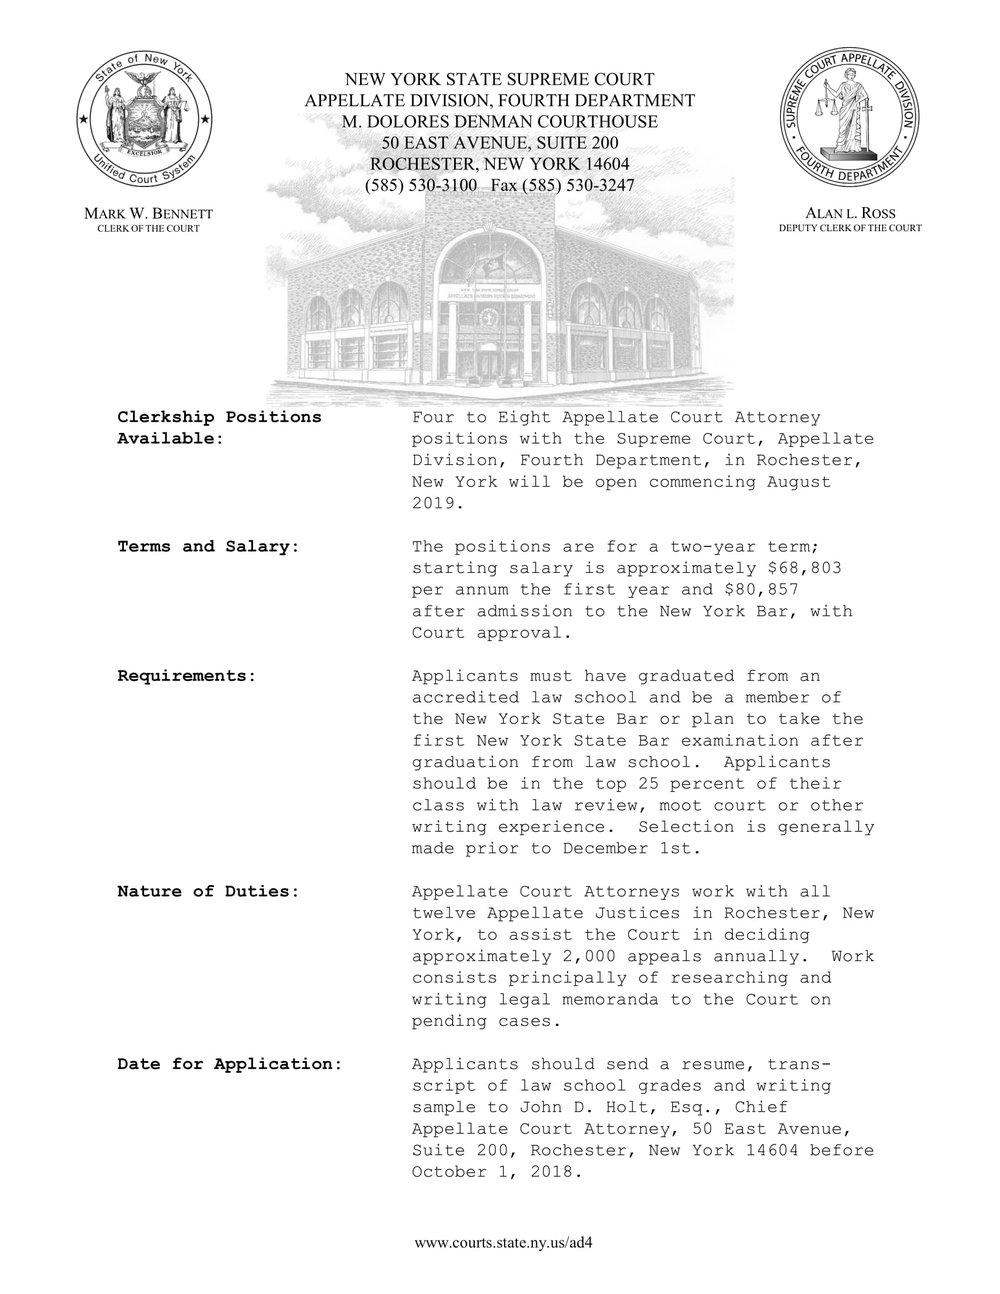 Court Resume-1.jpg